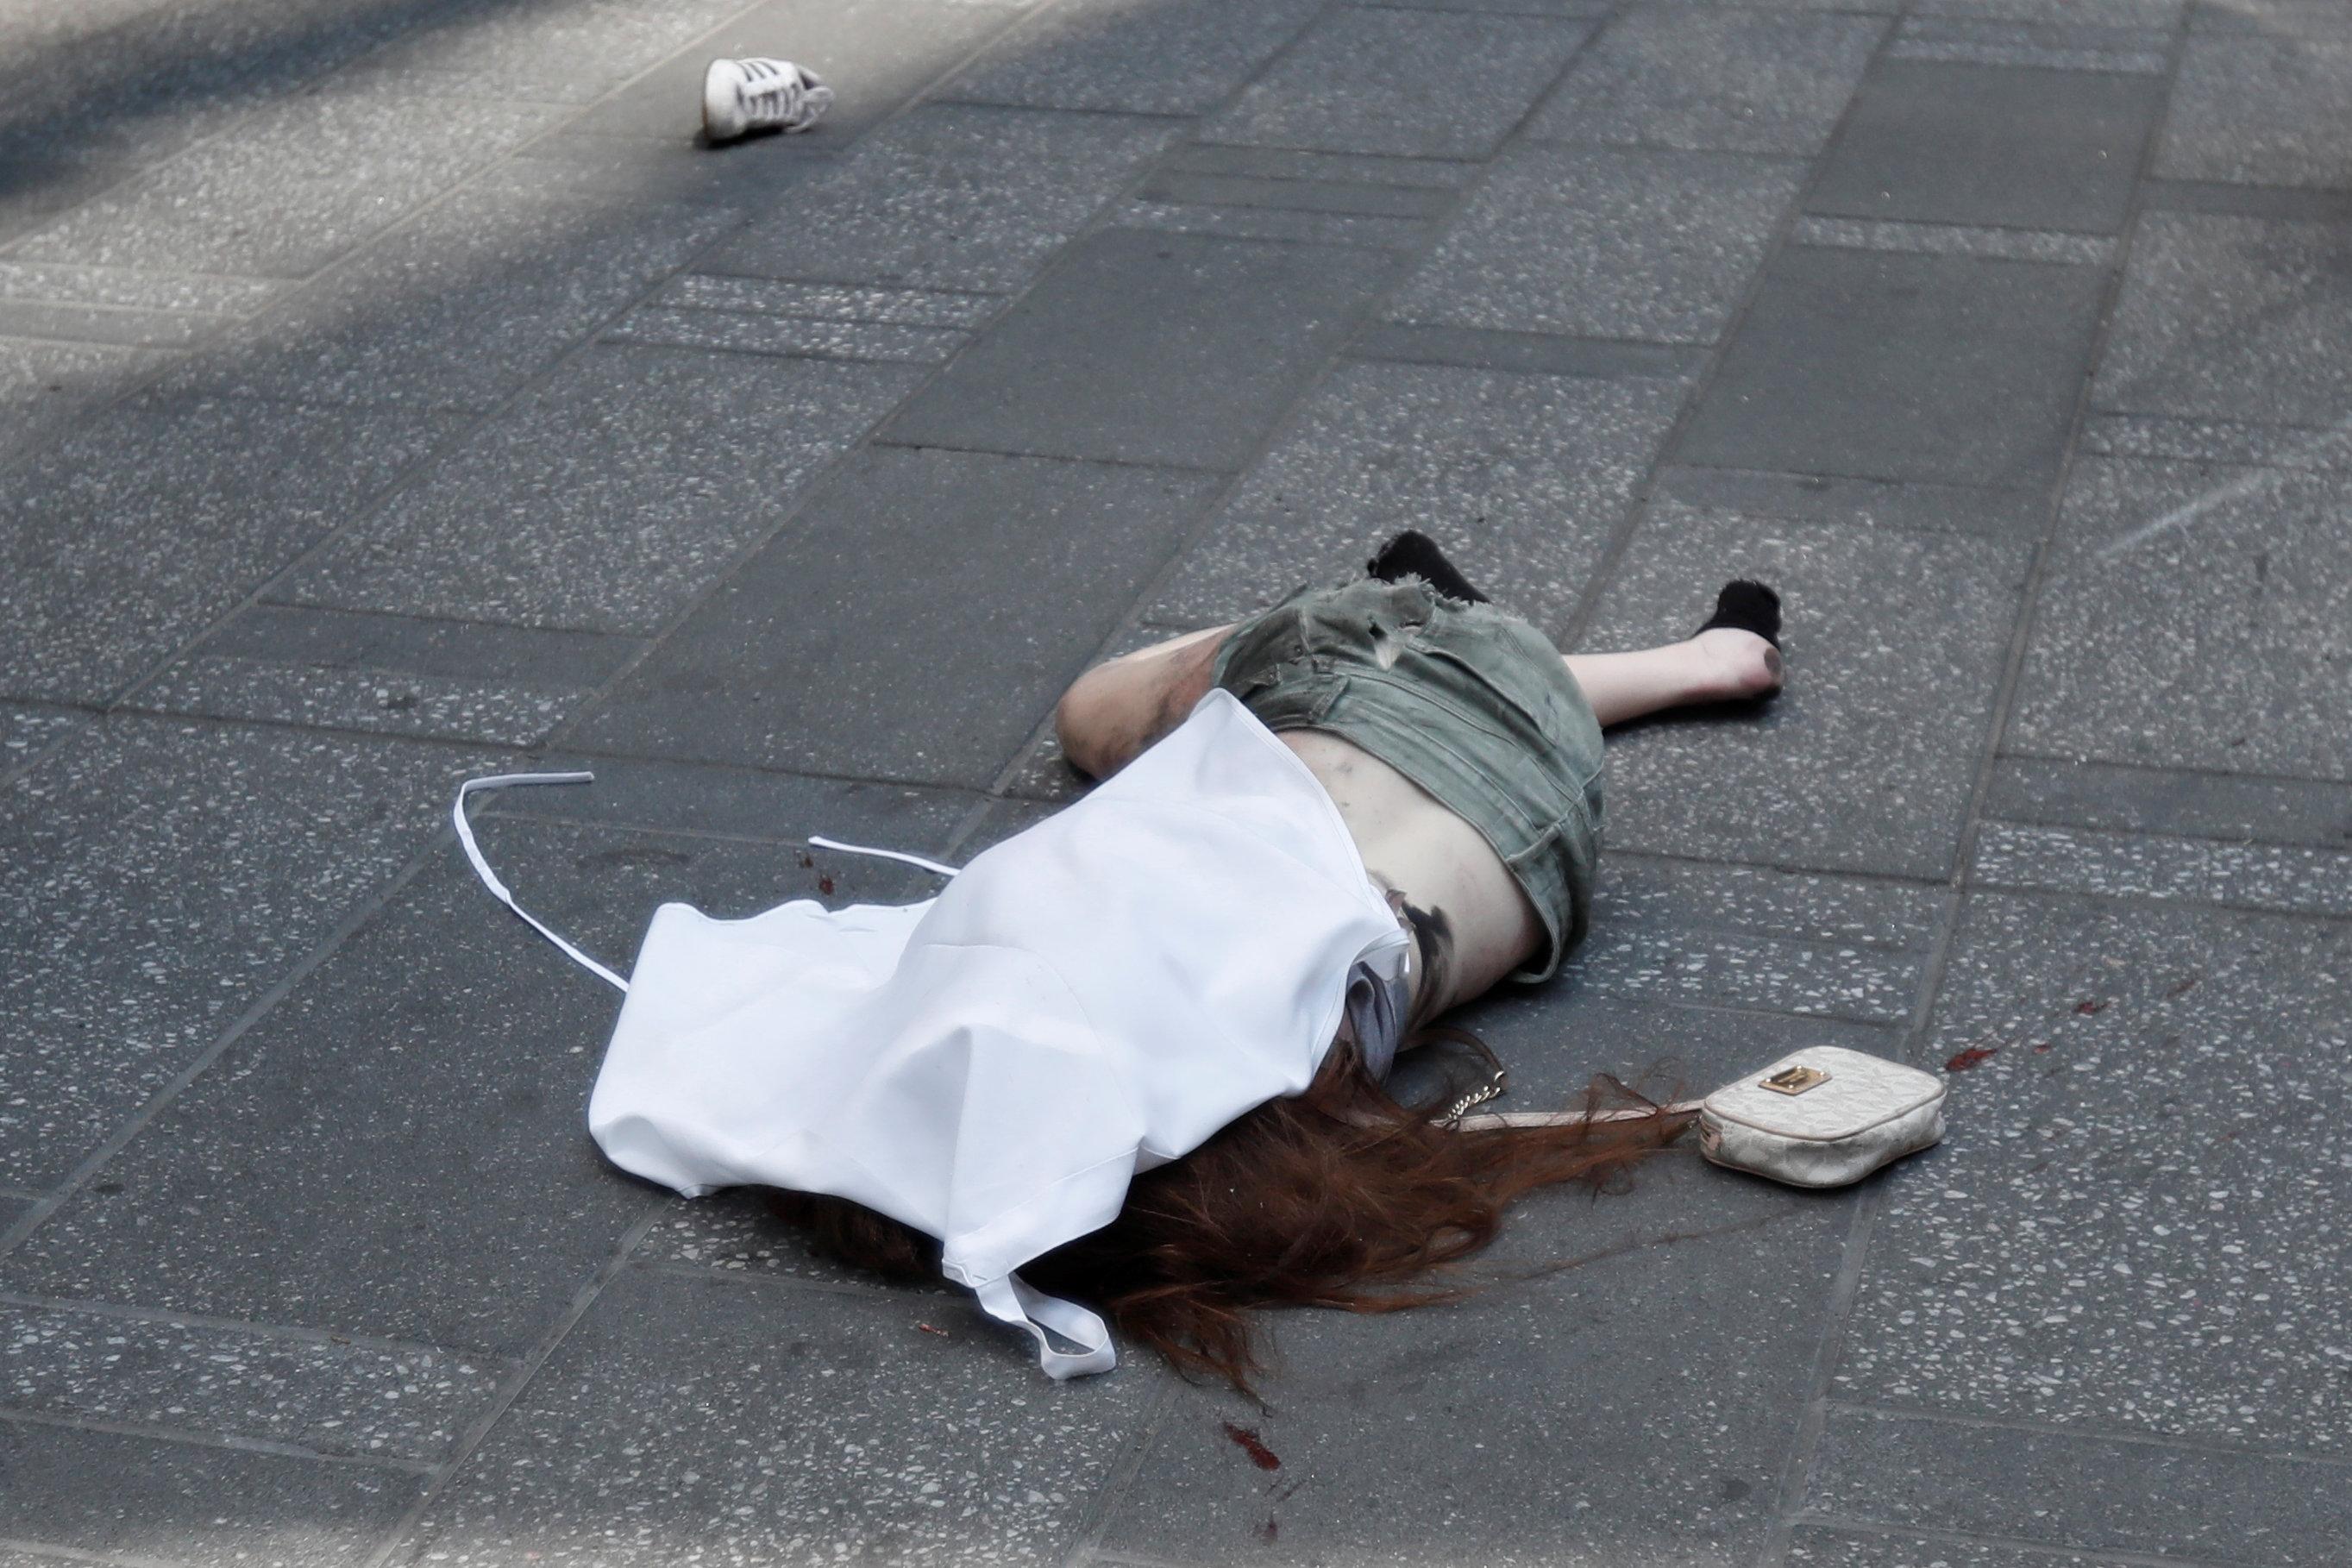 قتيل حادث الدهس فى نيويورك